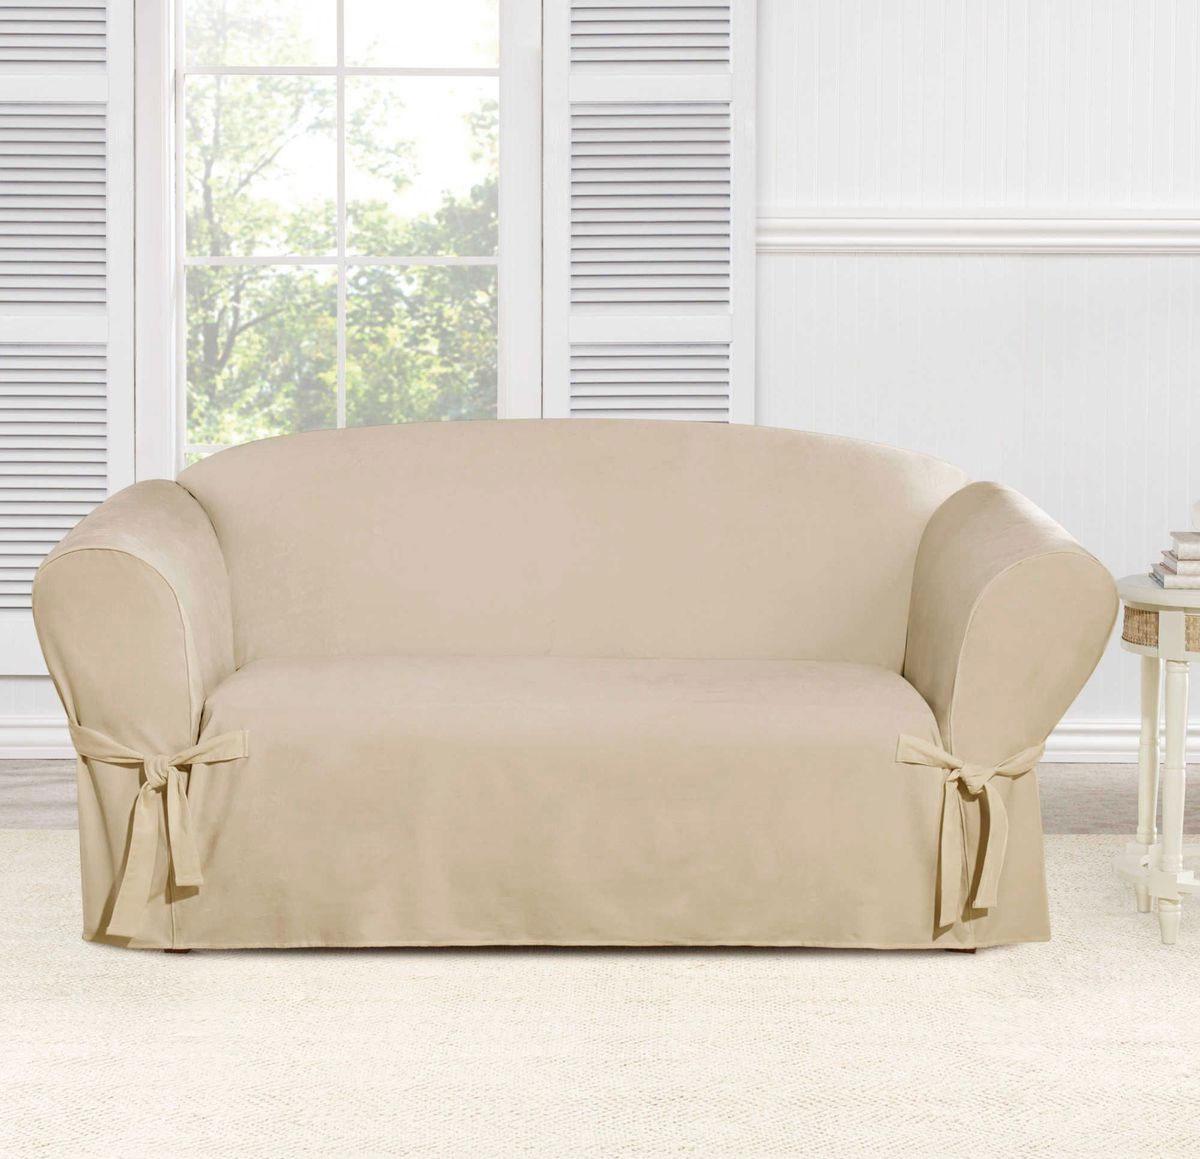 Чехол на трехместный диван Медежда Брайтон, цвет: бежевыйTHN132NЧехол на трехместный диван Медежда Брайтон изготовлен из 60% хлопка и 40% полиэстера. Чехол не эластичен, но хорошо принимает форму дивана. Подходит для диванов с шириной спинки от 185 до 235 см. Благодаря классической однотонной расцветке чехол легко гармонирует почти со всеми палитрами цвета и любым типом интерьера. Изделие украсит вашу гостиную и создаст комфорт и уют в доме. Чехол очень удобен и прост в установке. Машинная стирка при температуре 30°С. Чехлы на мебель Медежда универсальны и подходят на большинство моделей мебели. Такова особенность кроя изделий свободного стиля или тянущегося материала стрейч стиля. Основное значение при подборе имеет только ширина спинки.